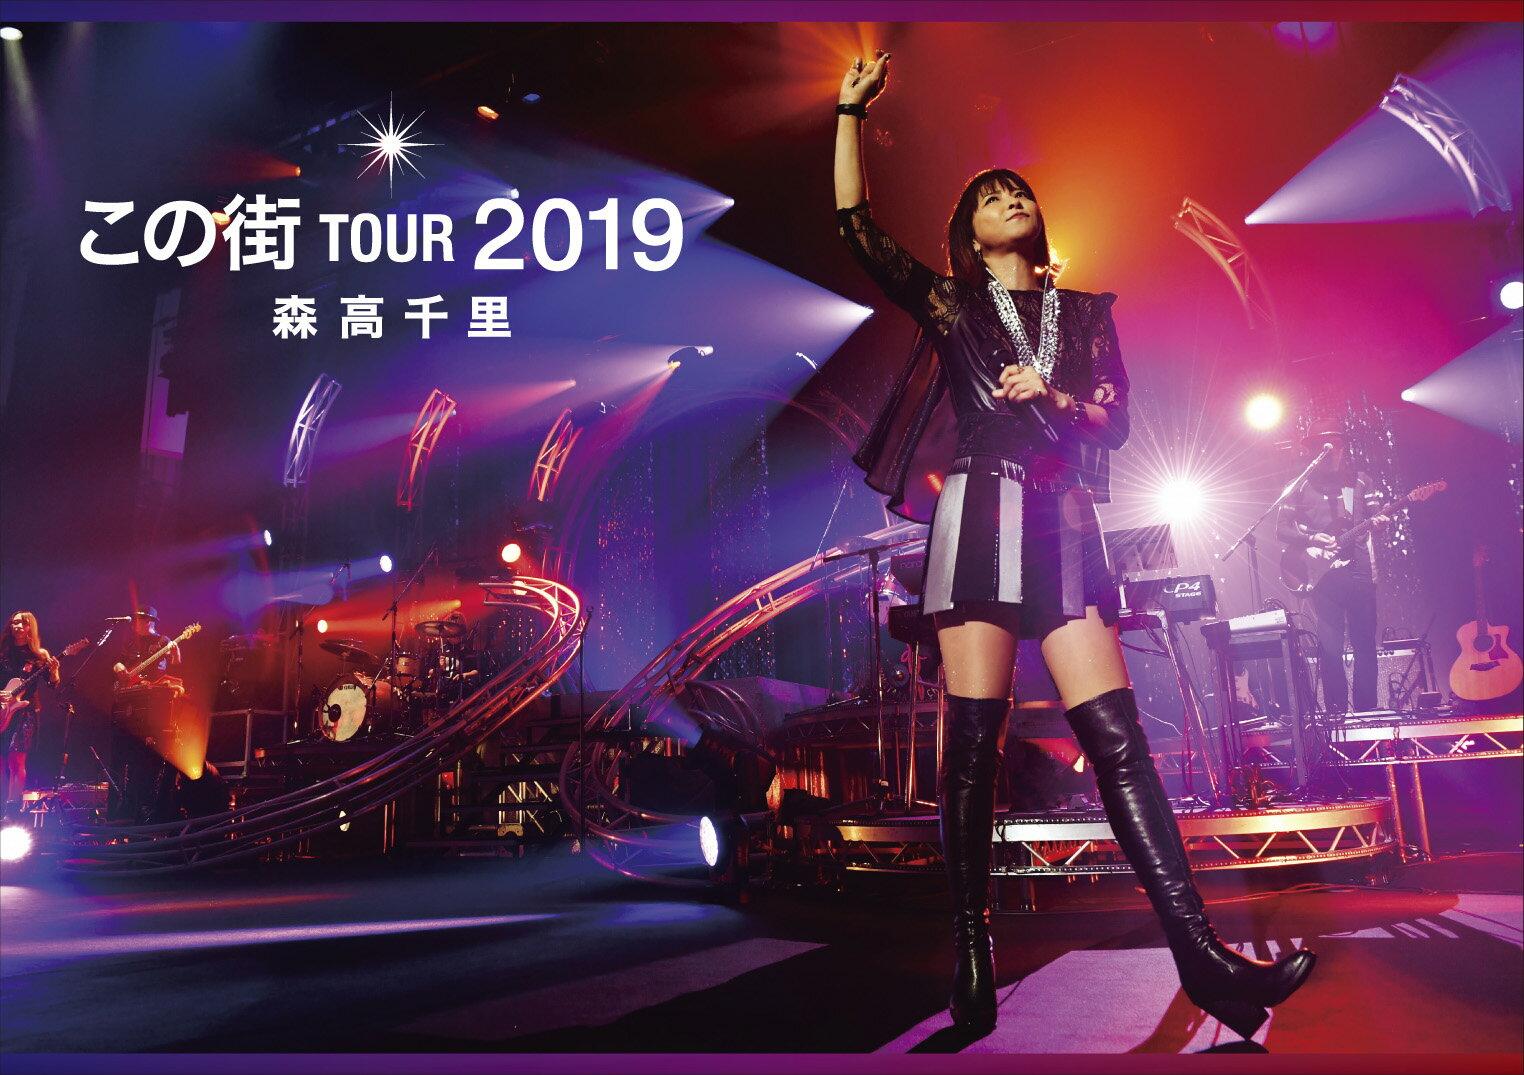 「この街」TOUR 2019(初回限定盤 2Blu-ray+2CD+フォト・ブックレット)【Blu-ray】